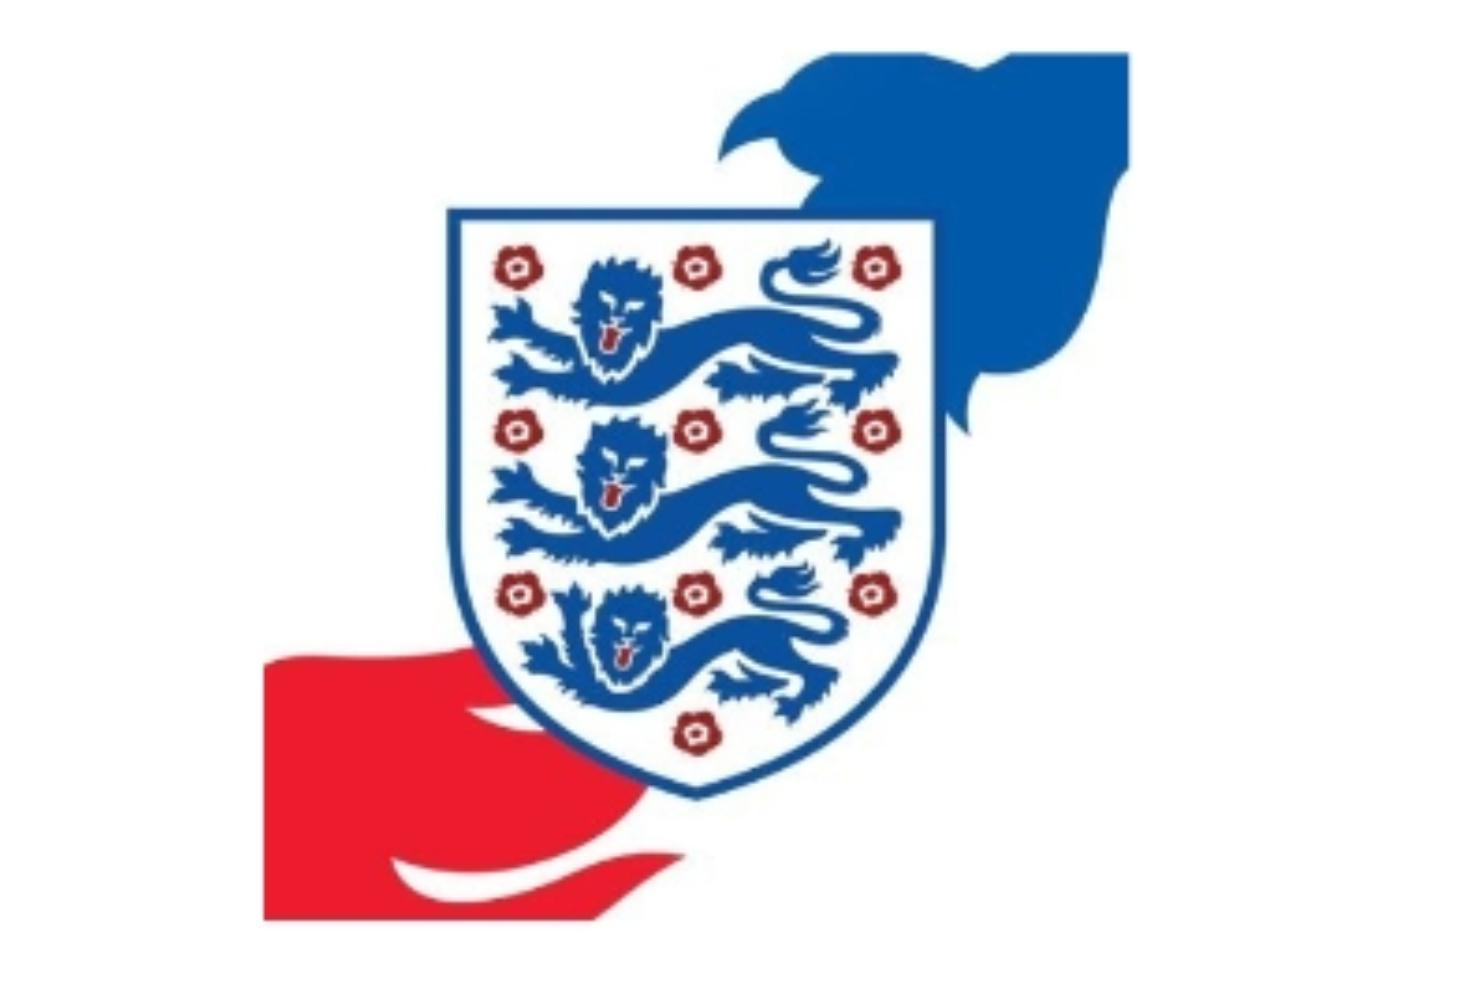 官方:英格兰将在5月25日公布欧洲杯阵容,索斯盖特也将就此接受记者采访-今球app官网